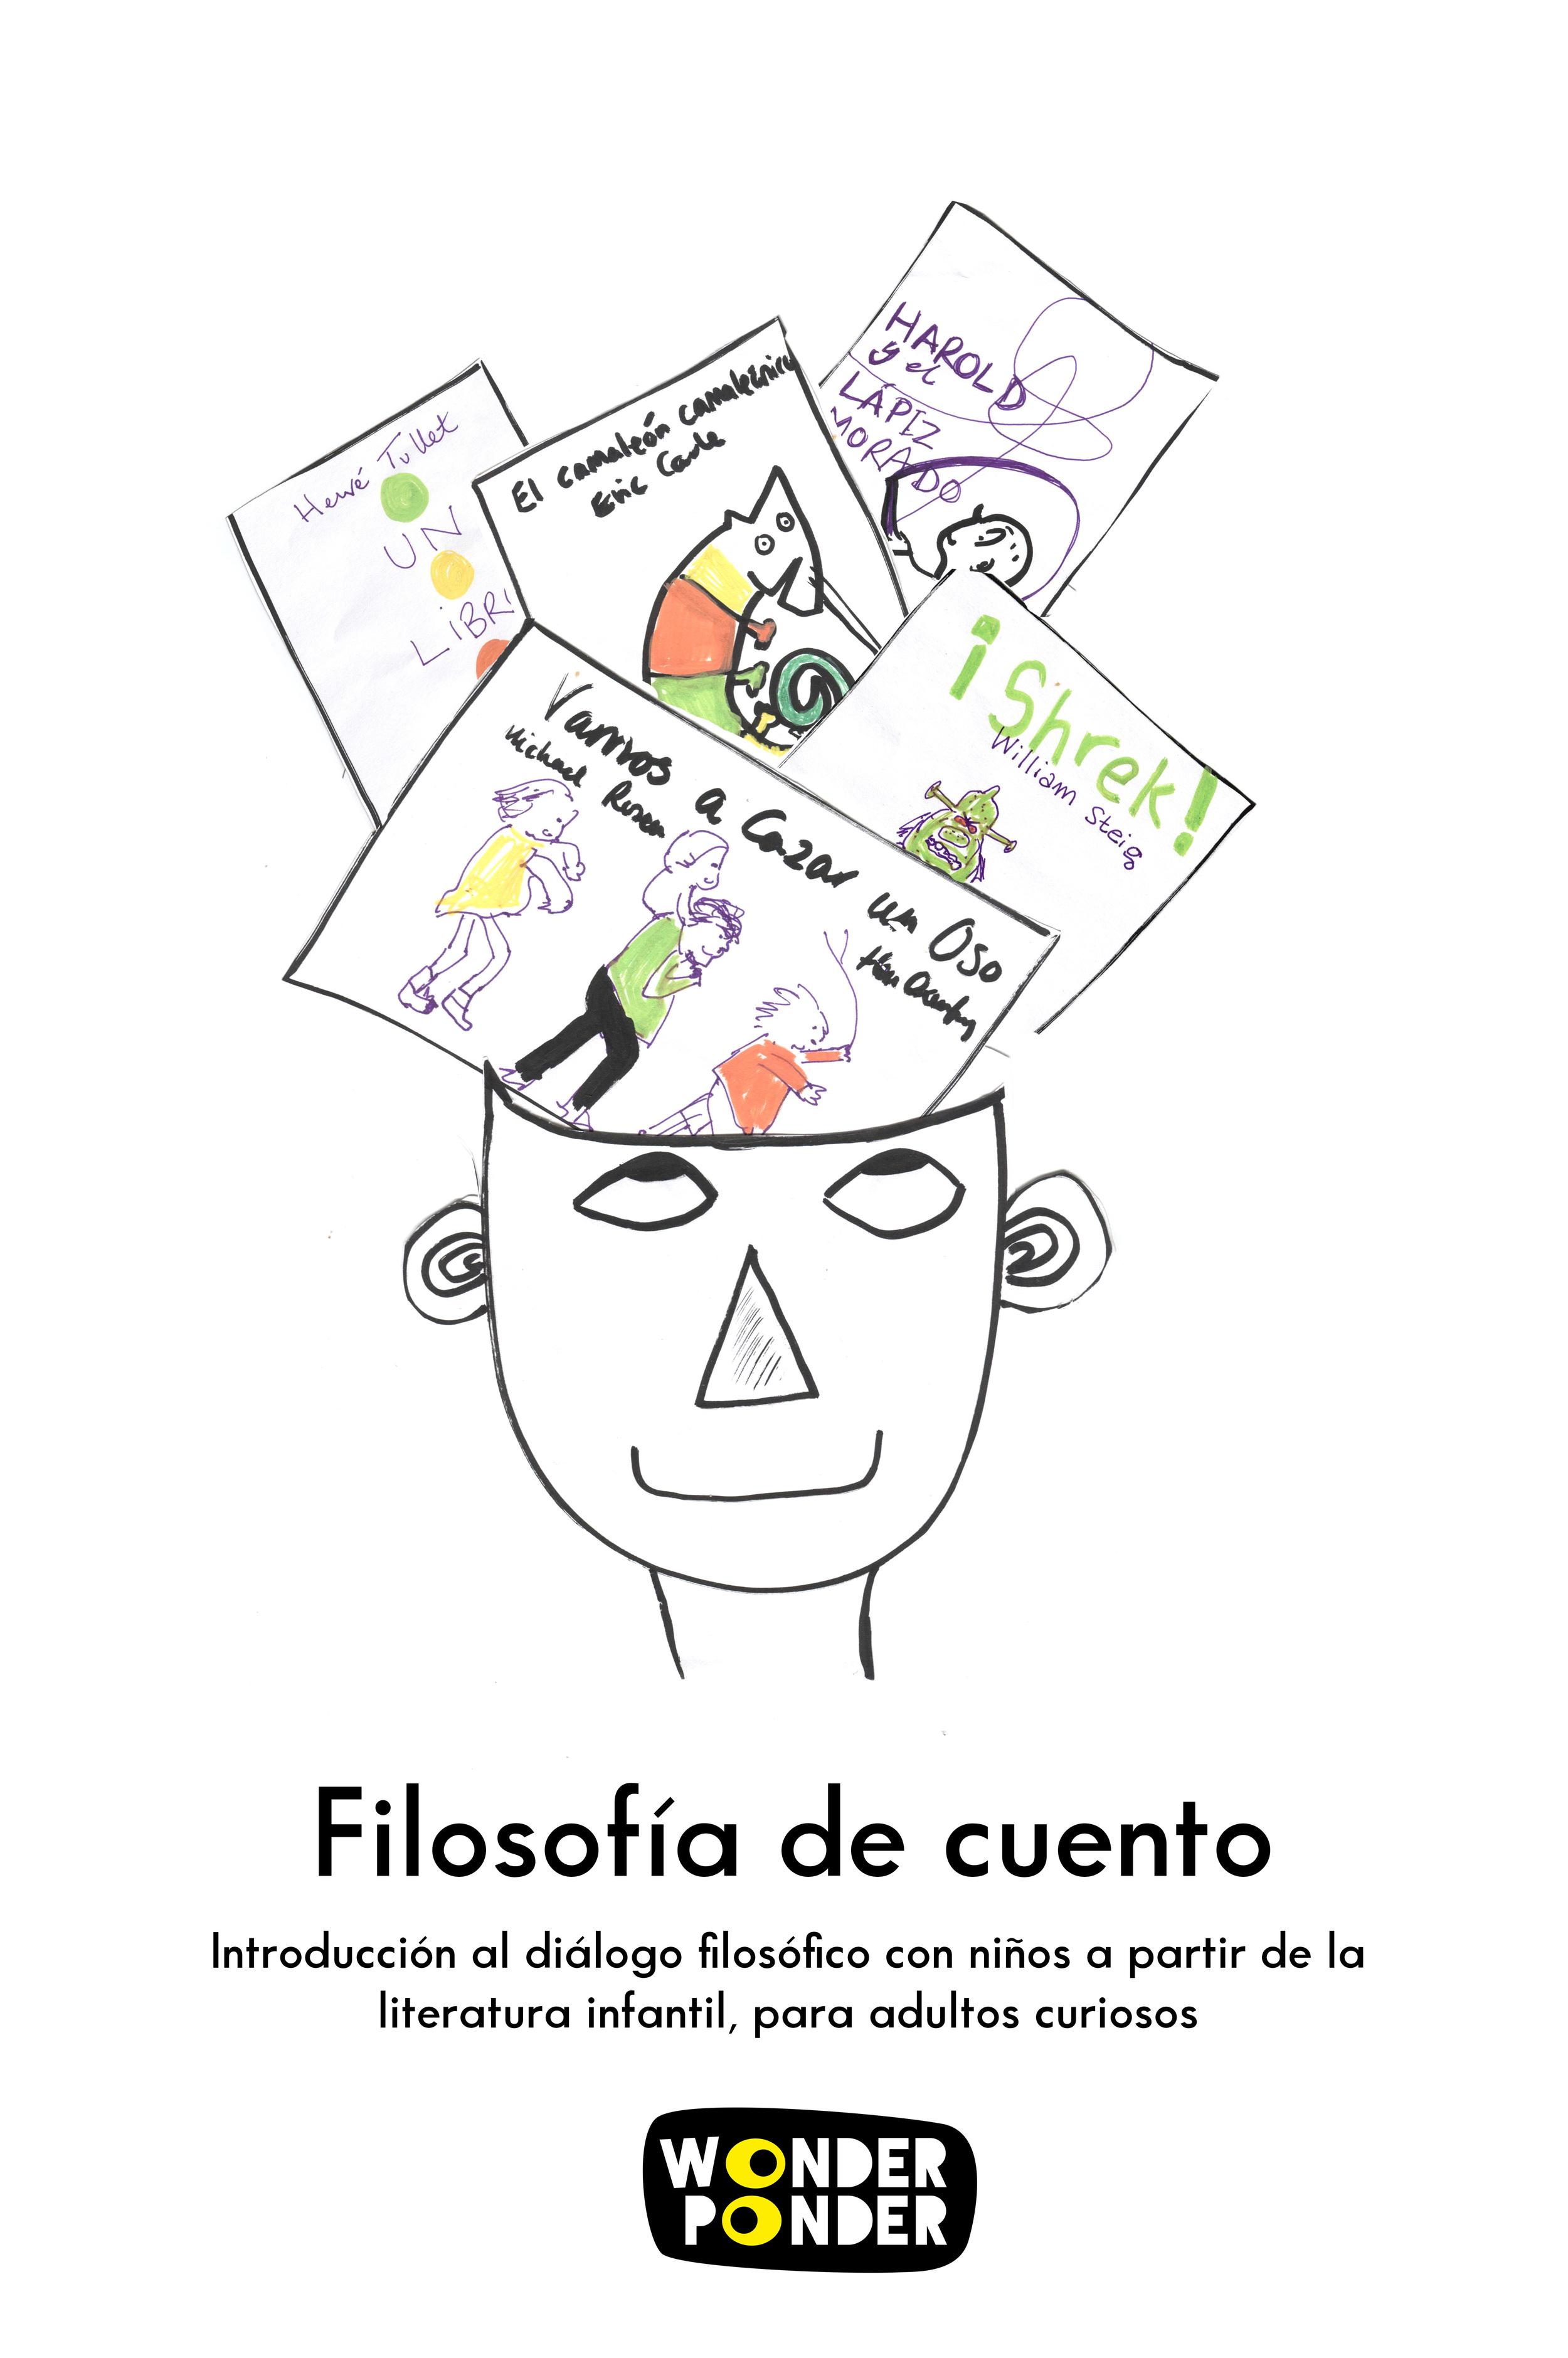 ¡Nueva convocatoria! Tras el éxito de la convocatoria del Taller Filosofía de cuento celebrado en Madrid el pasado mes de octubre, volvemos a convocarlo para los días 11 y 12 de diciembre. Introducción al diálogo filosófico a partir de la literatura infantil. Para adultos curiosos.